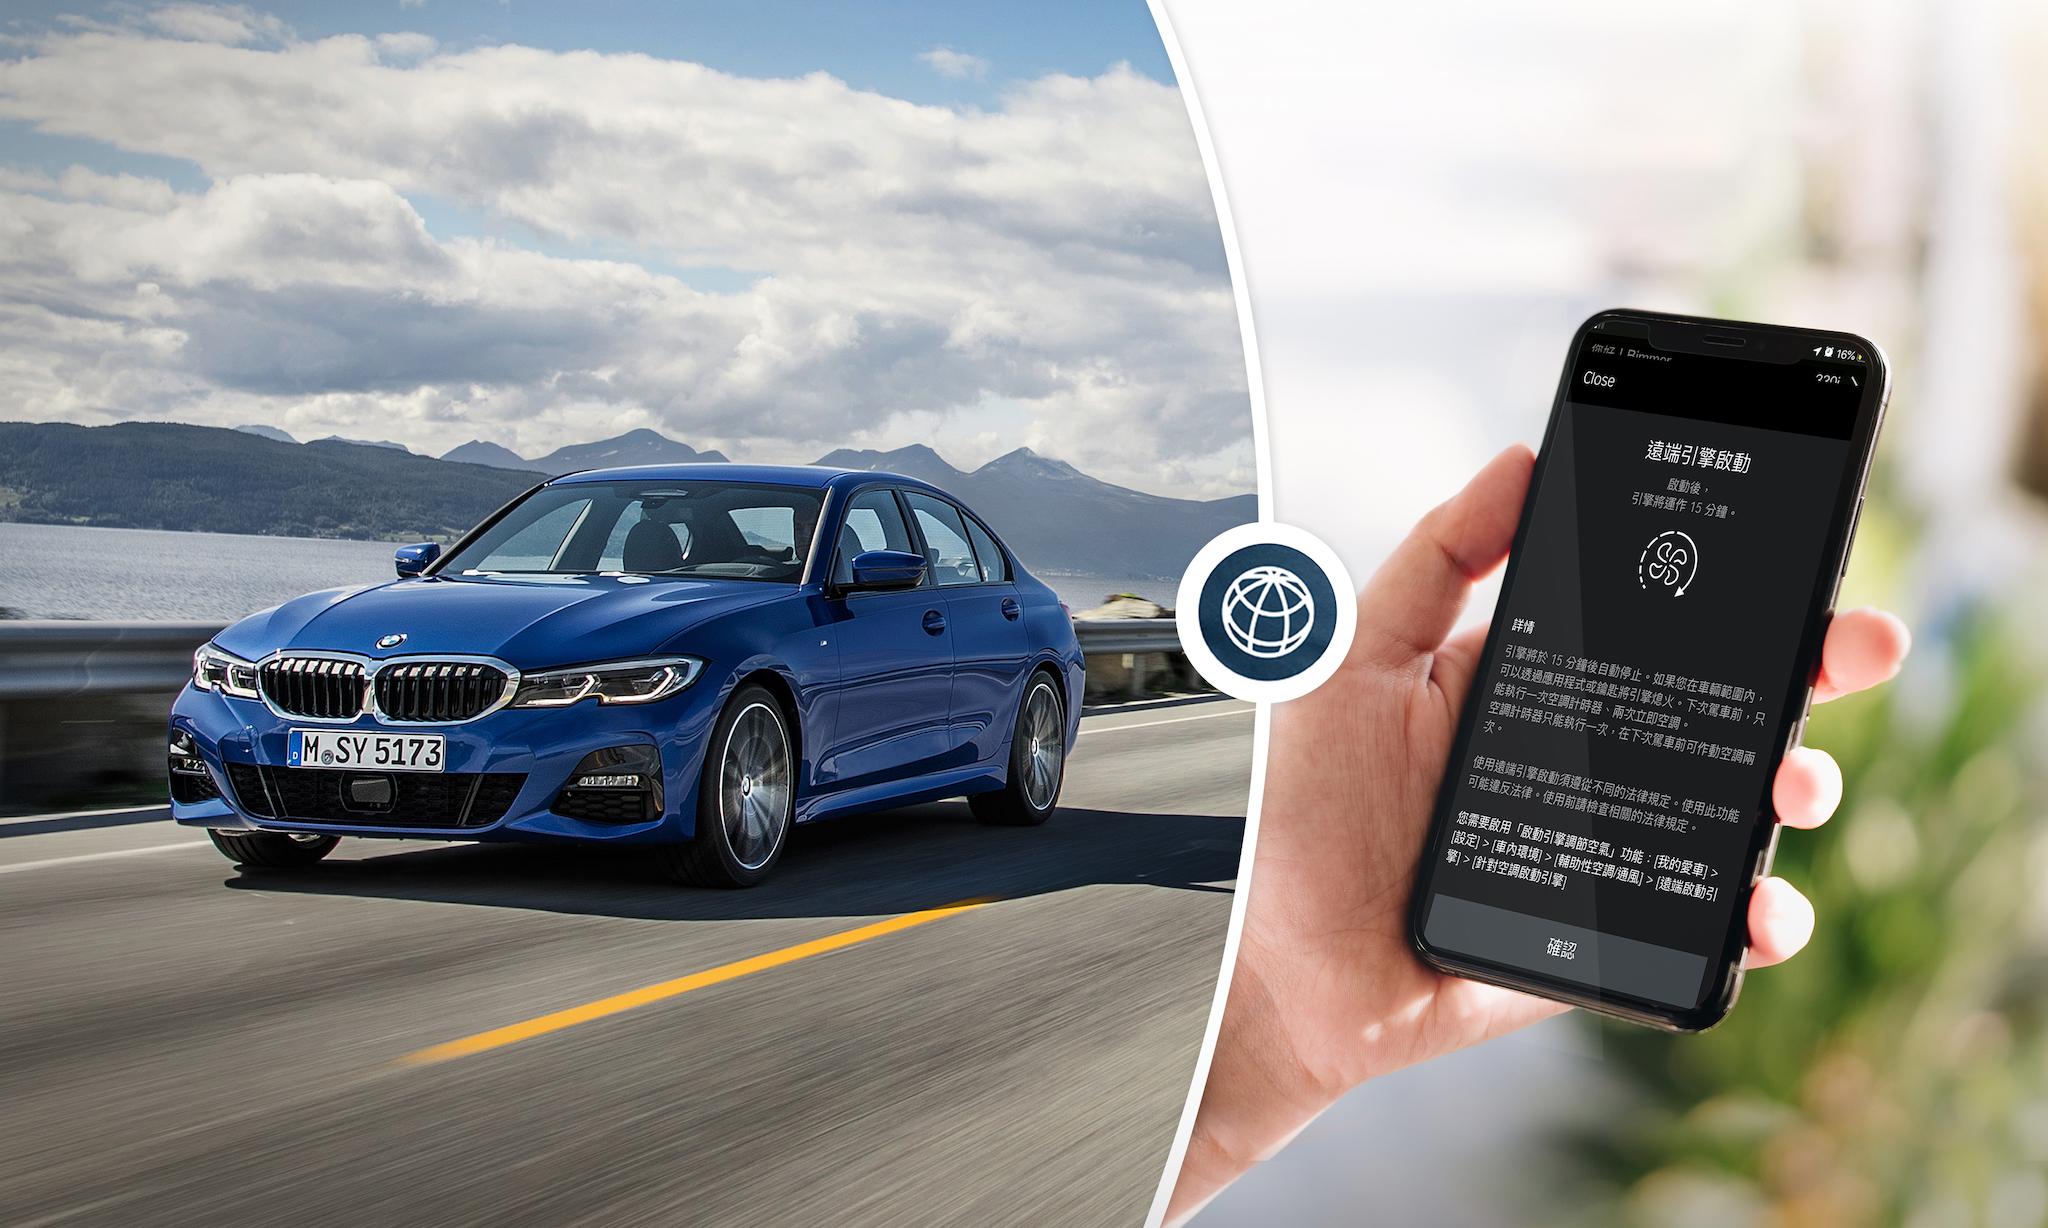 透過遠端引擎啟動功能,車主無論身處何地的,在家中、辦公室或餐廳用餐時,都可以透過 Connected App 遠端啟動車輛同時開啟車內空調,增添用車便利性。